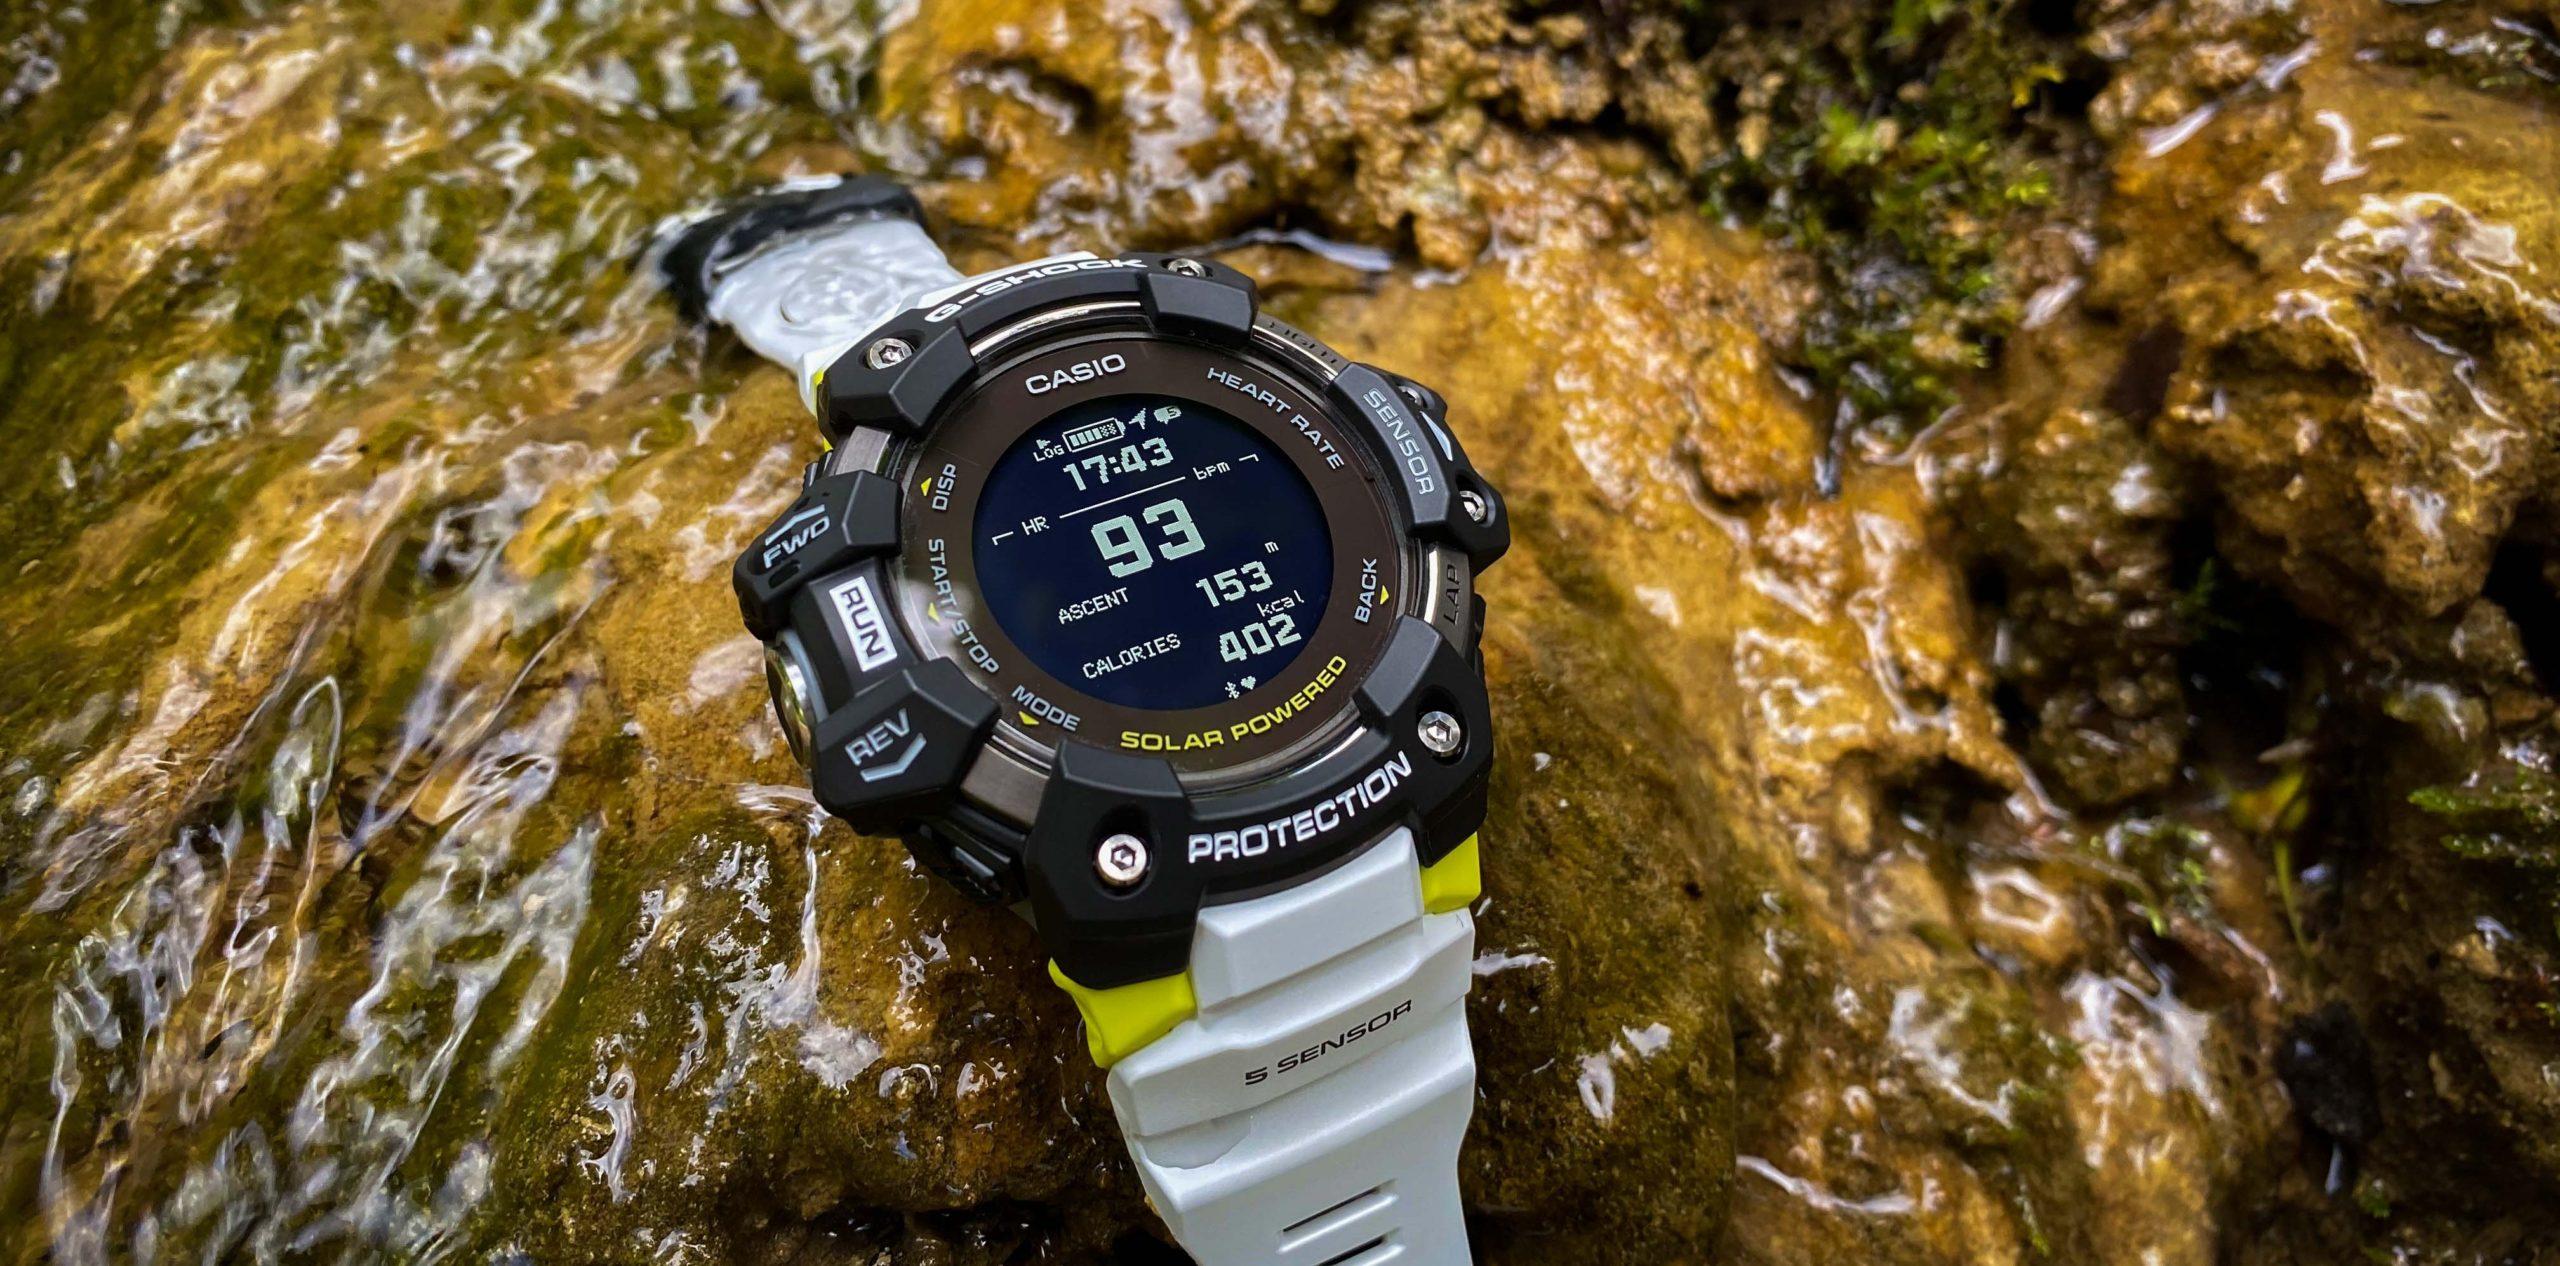 Casio G-Shock GBD-H1000 im Test – Herren-Laufuhr mit GPS, Pulsmesser, Solar & Co.